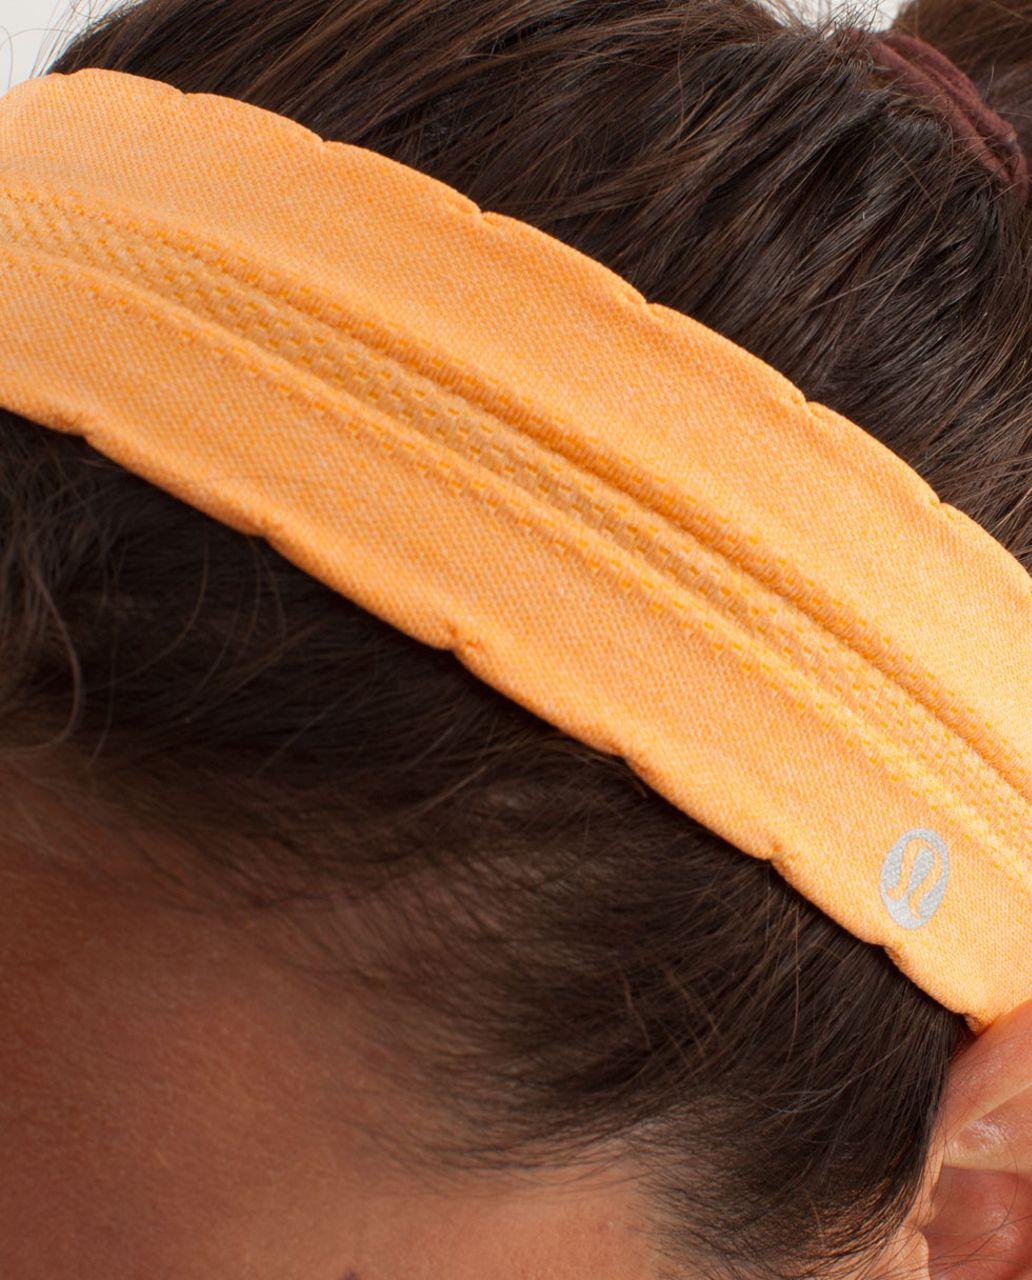 Lululemon Swiftly Headband - Creamsicle Pop